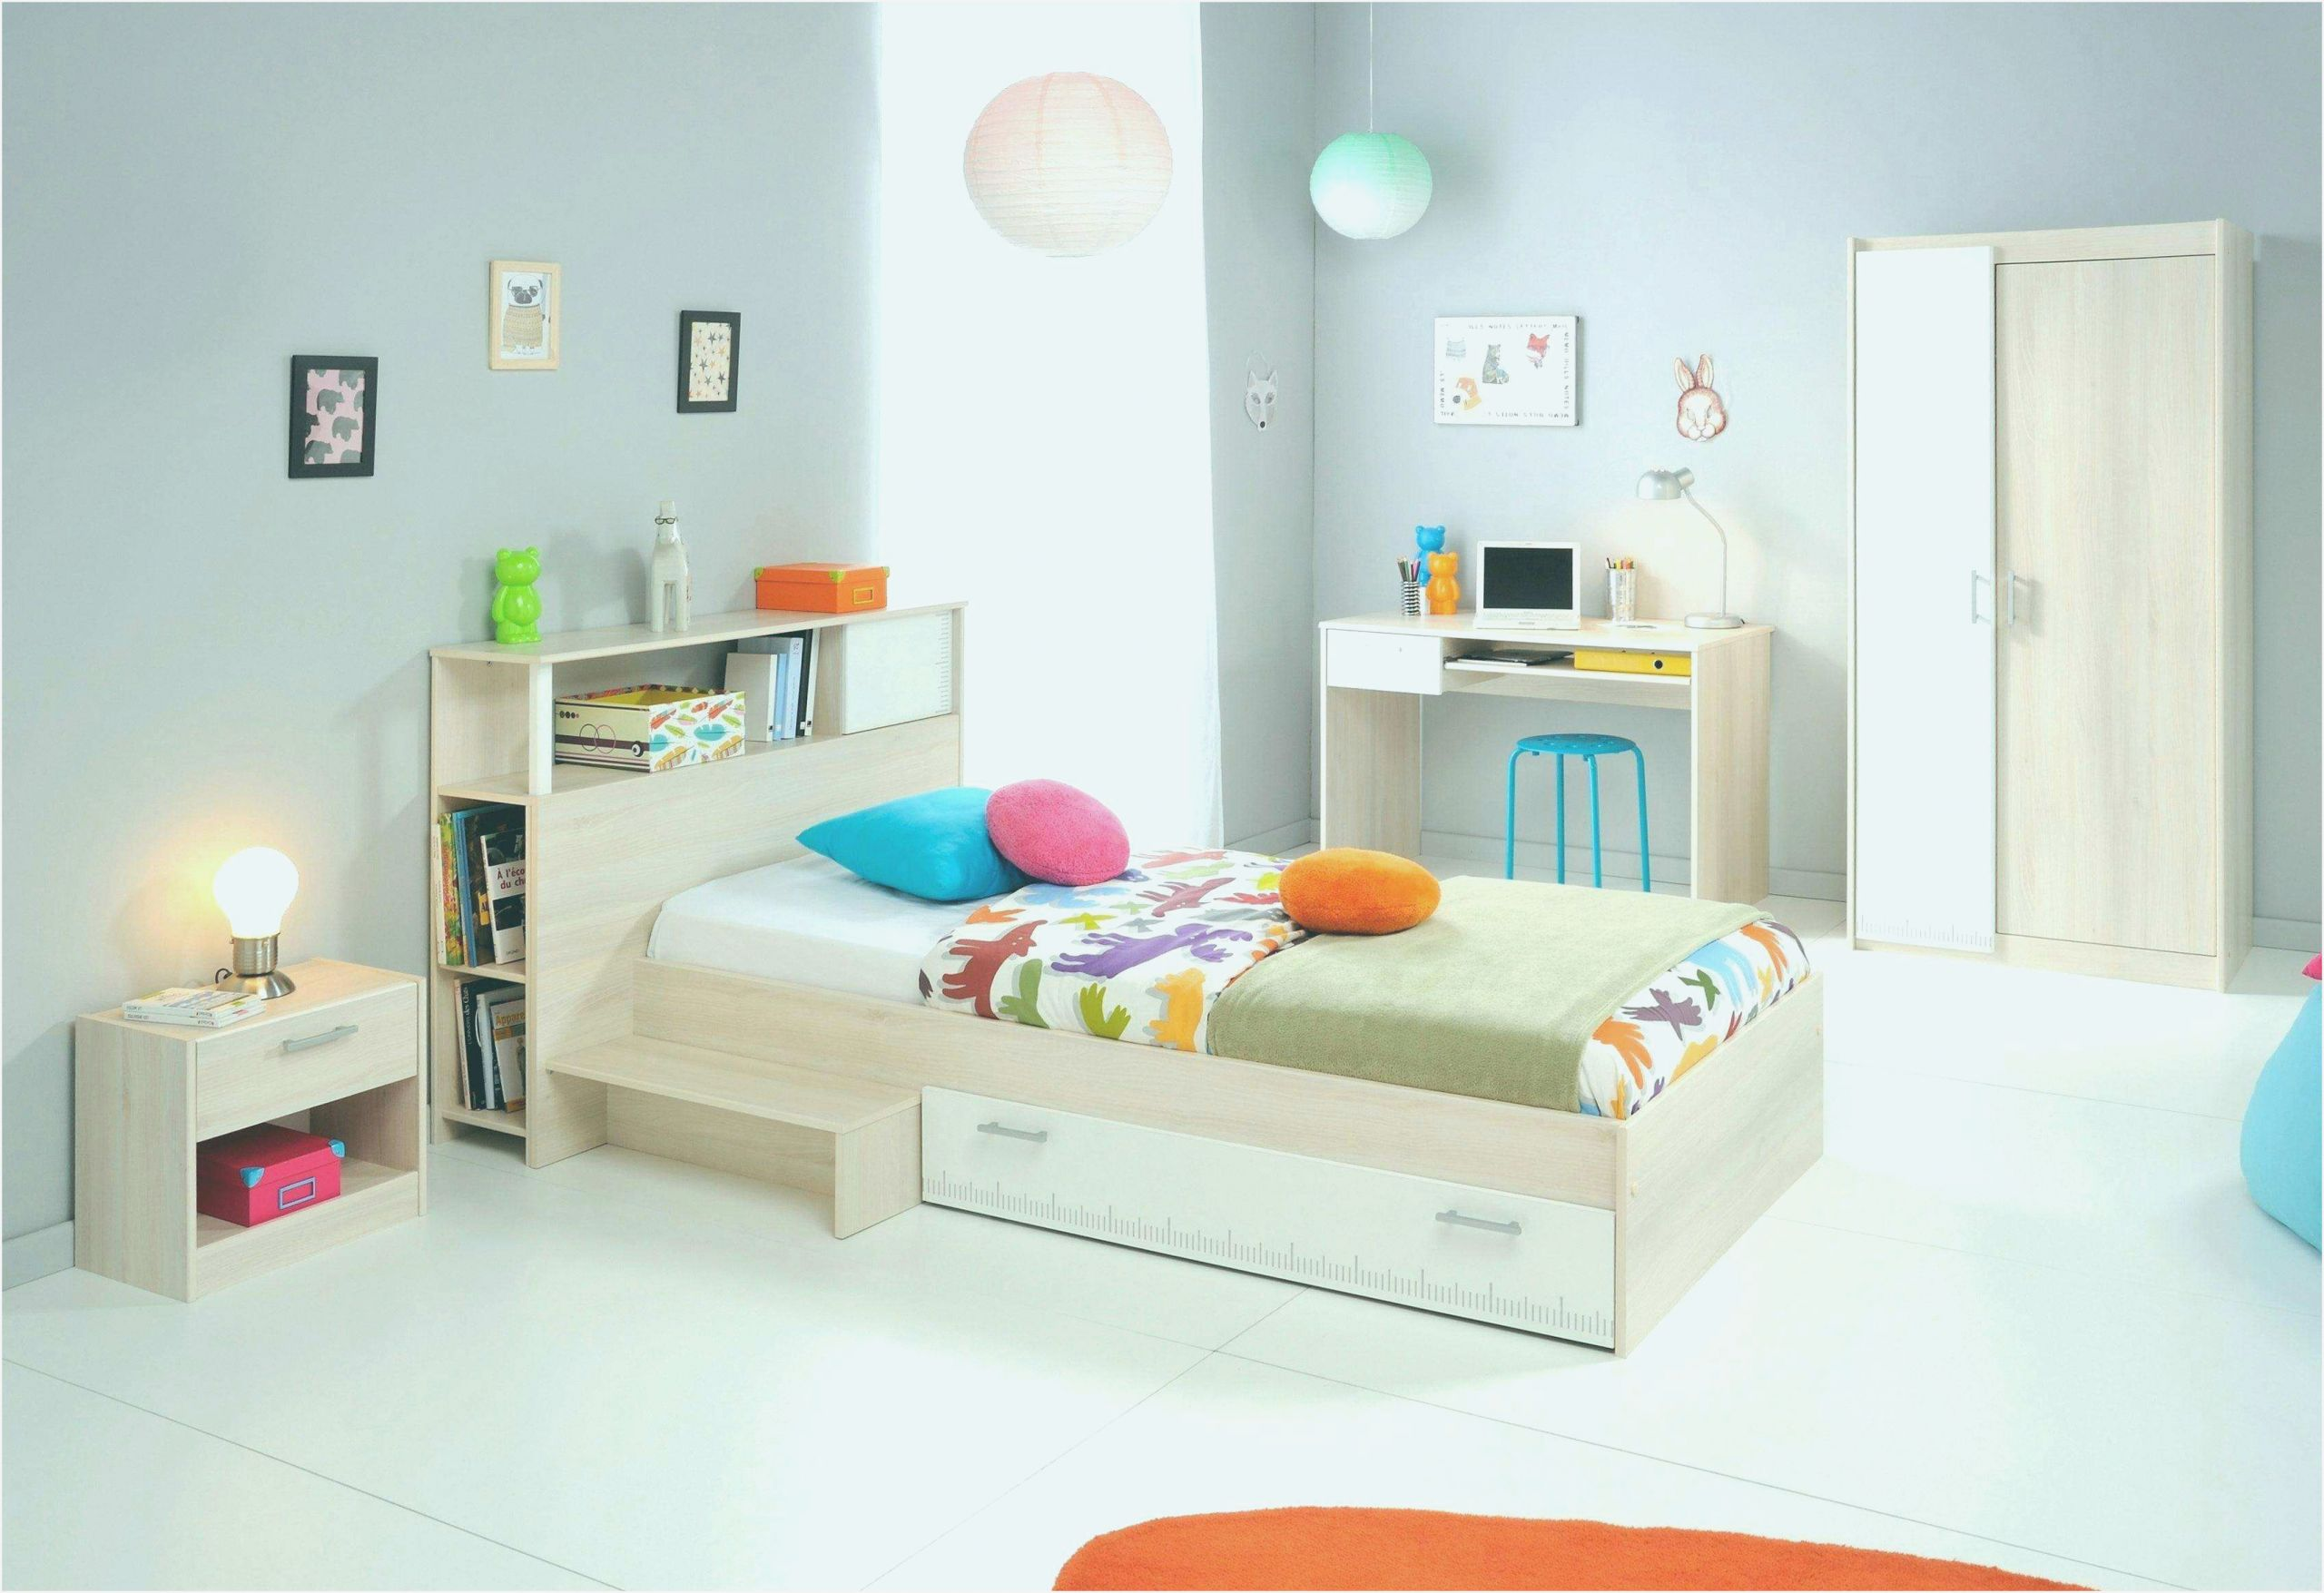 Full Size of Wandgestaltung Kinderzimmer Jungen Junge Und Mdchen Regal Weiß Sofa Regale Wohnzimmer Wandgestaltung Kinderzimmer Jungen